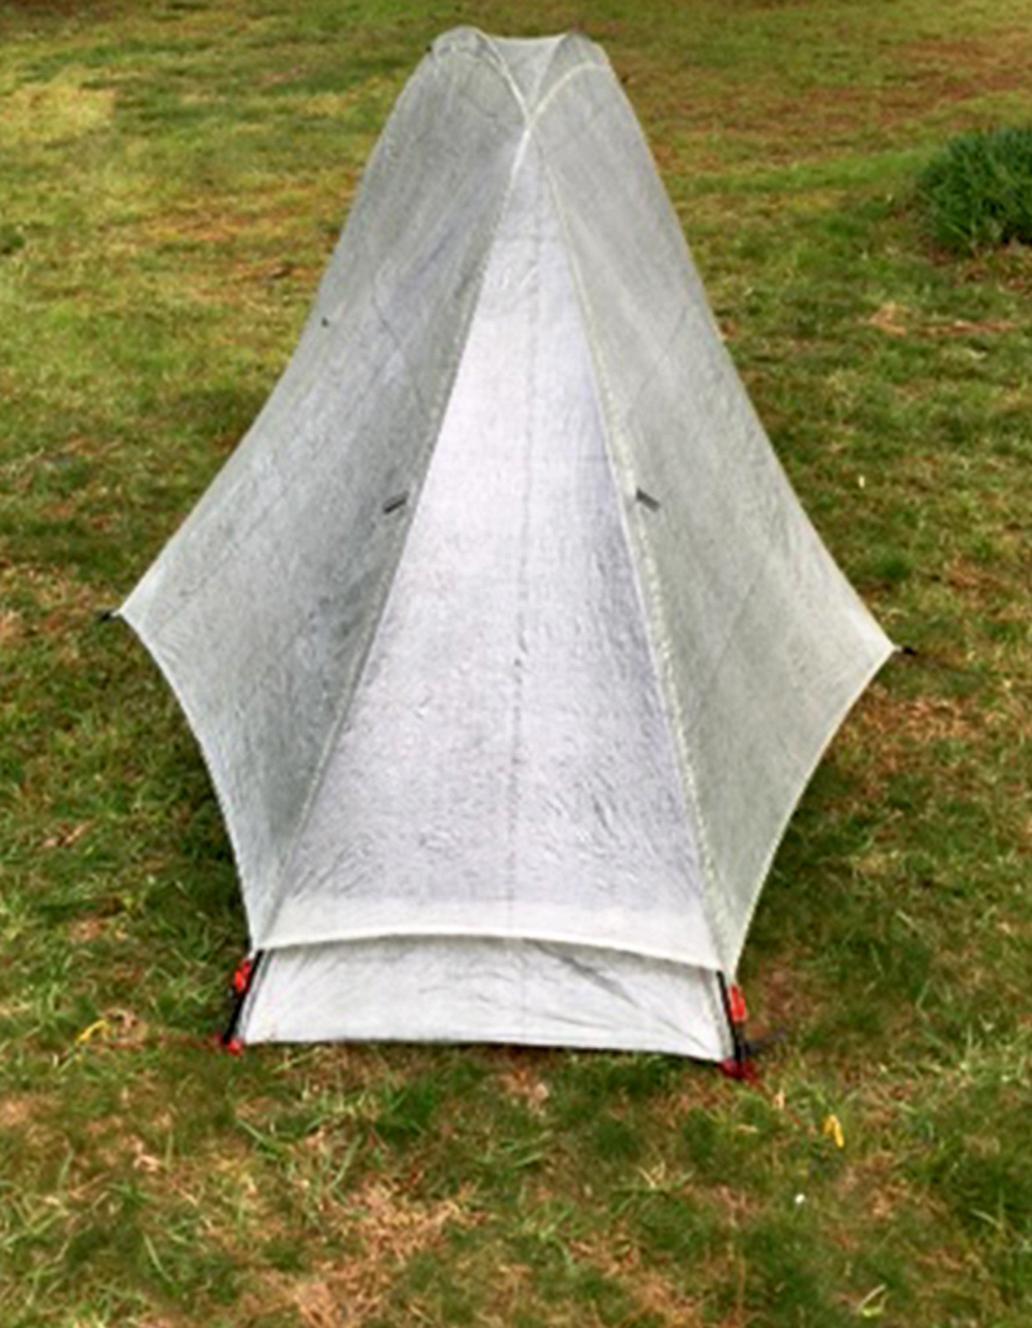 Big Sky Soul cuben fiber 1 person listed at $690.00 Price $475.00 shipped. & FS: Big Sky Soul Cuben fiber tent 1 Person. 23 oz. including poles ...